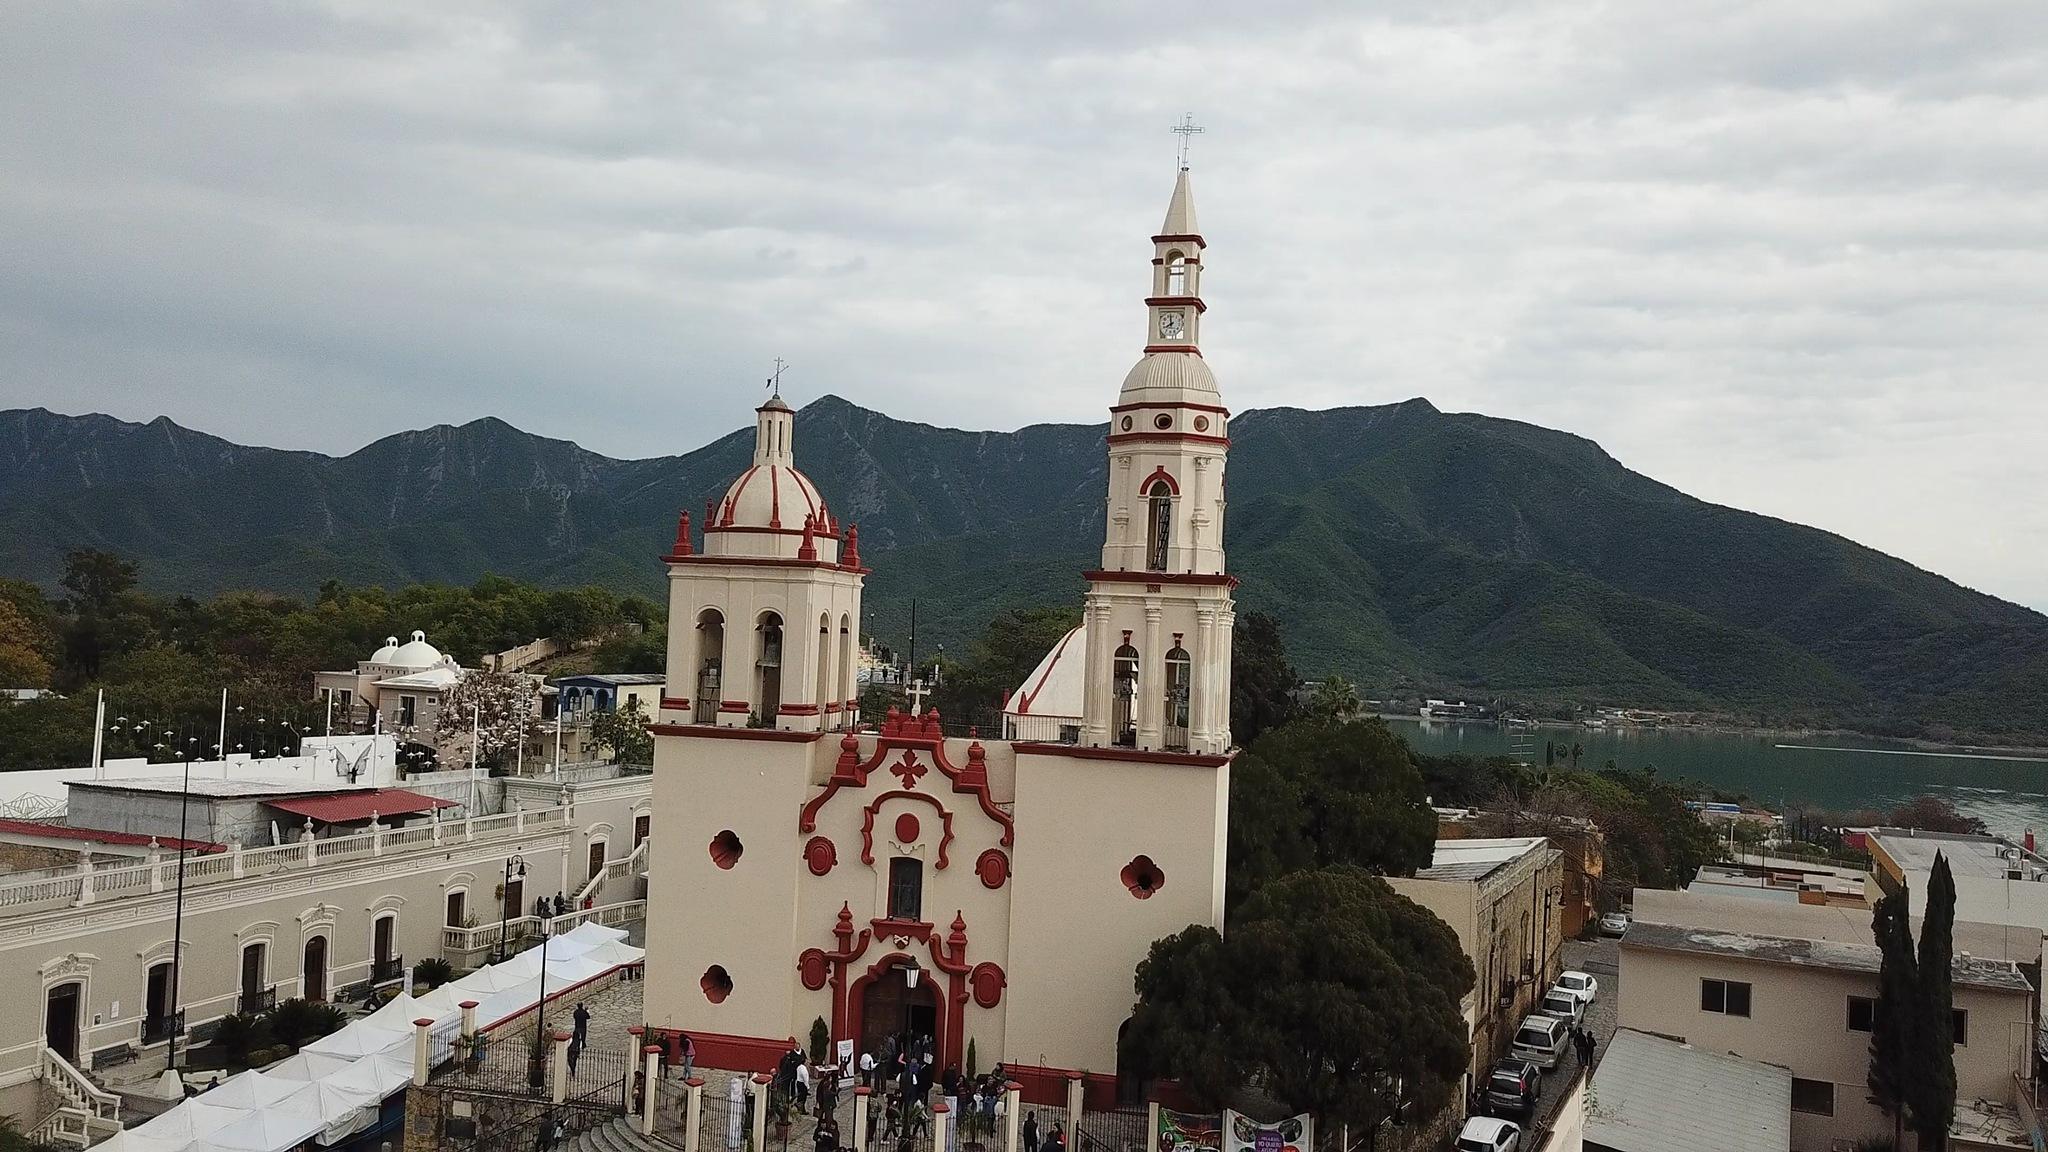 Iglesia de Santiago Apóstol by Pedro Bustos